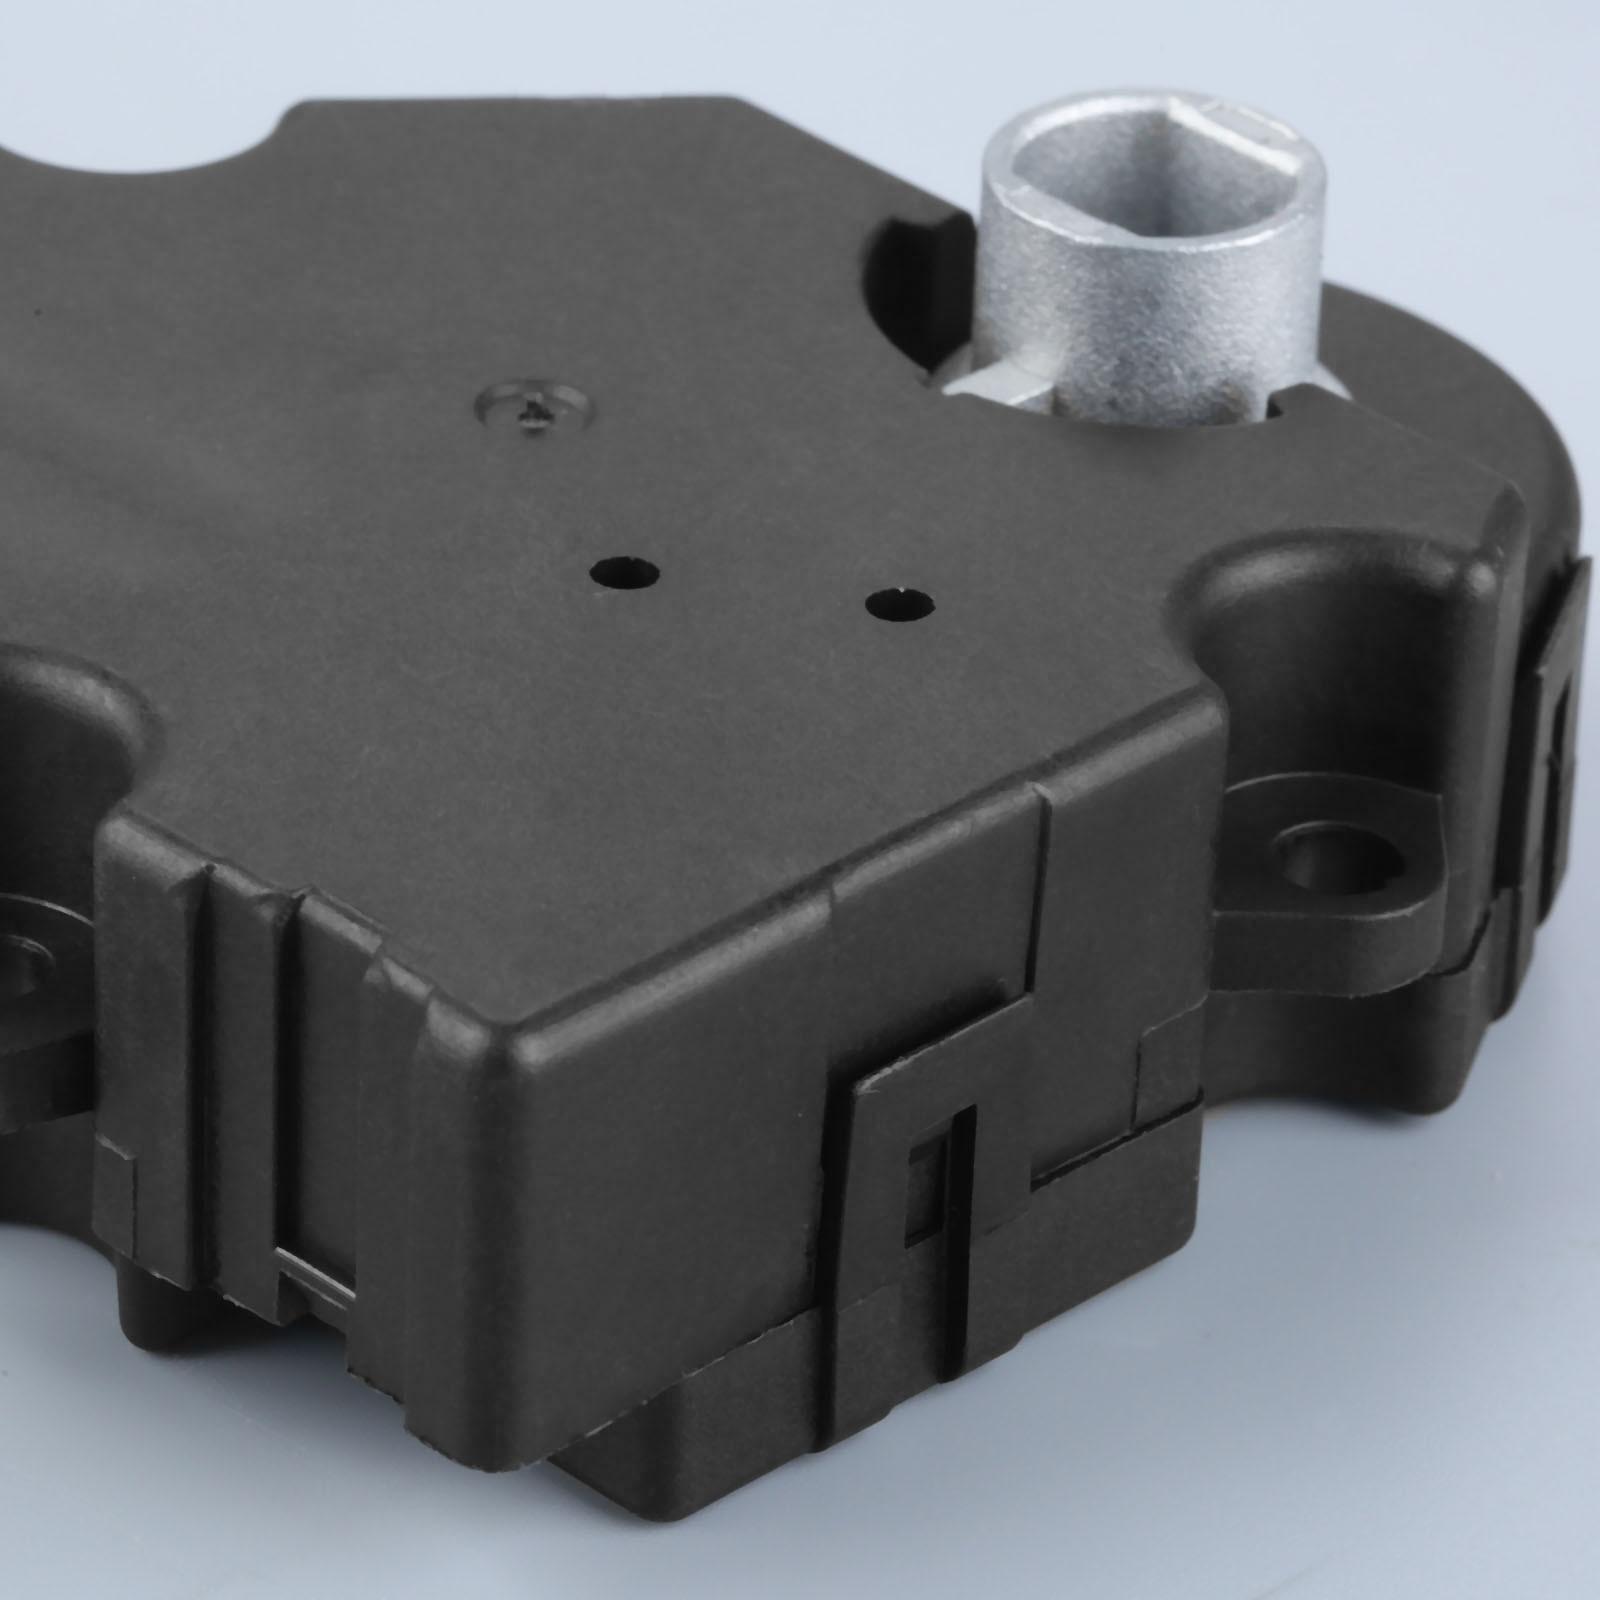 Image 3 - 15920864 HVAC нагреватель смесь воздуха дверной привод 604 141 для Buick Enclave GMC Acadia Saturn Outlook-in Детали для обогревателя from Автомобили и мотоциклы